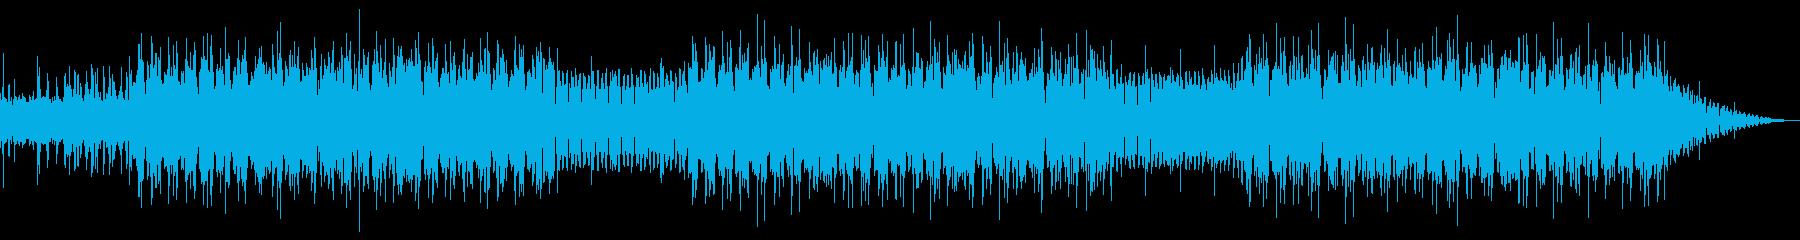 ちょっと切ない爽やか電子音楽_Aの再生済みの波形